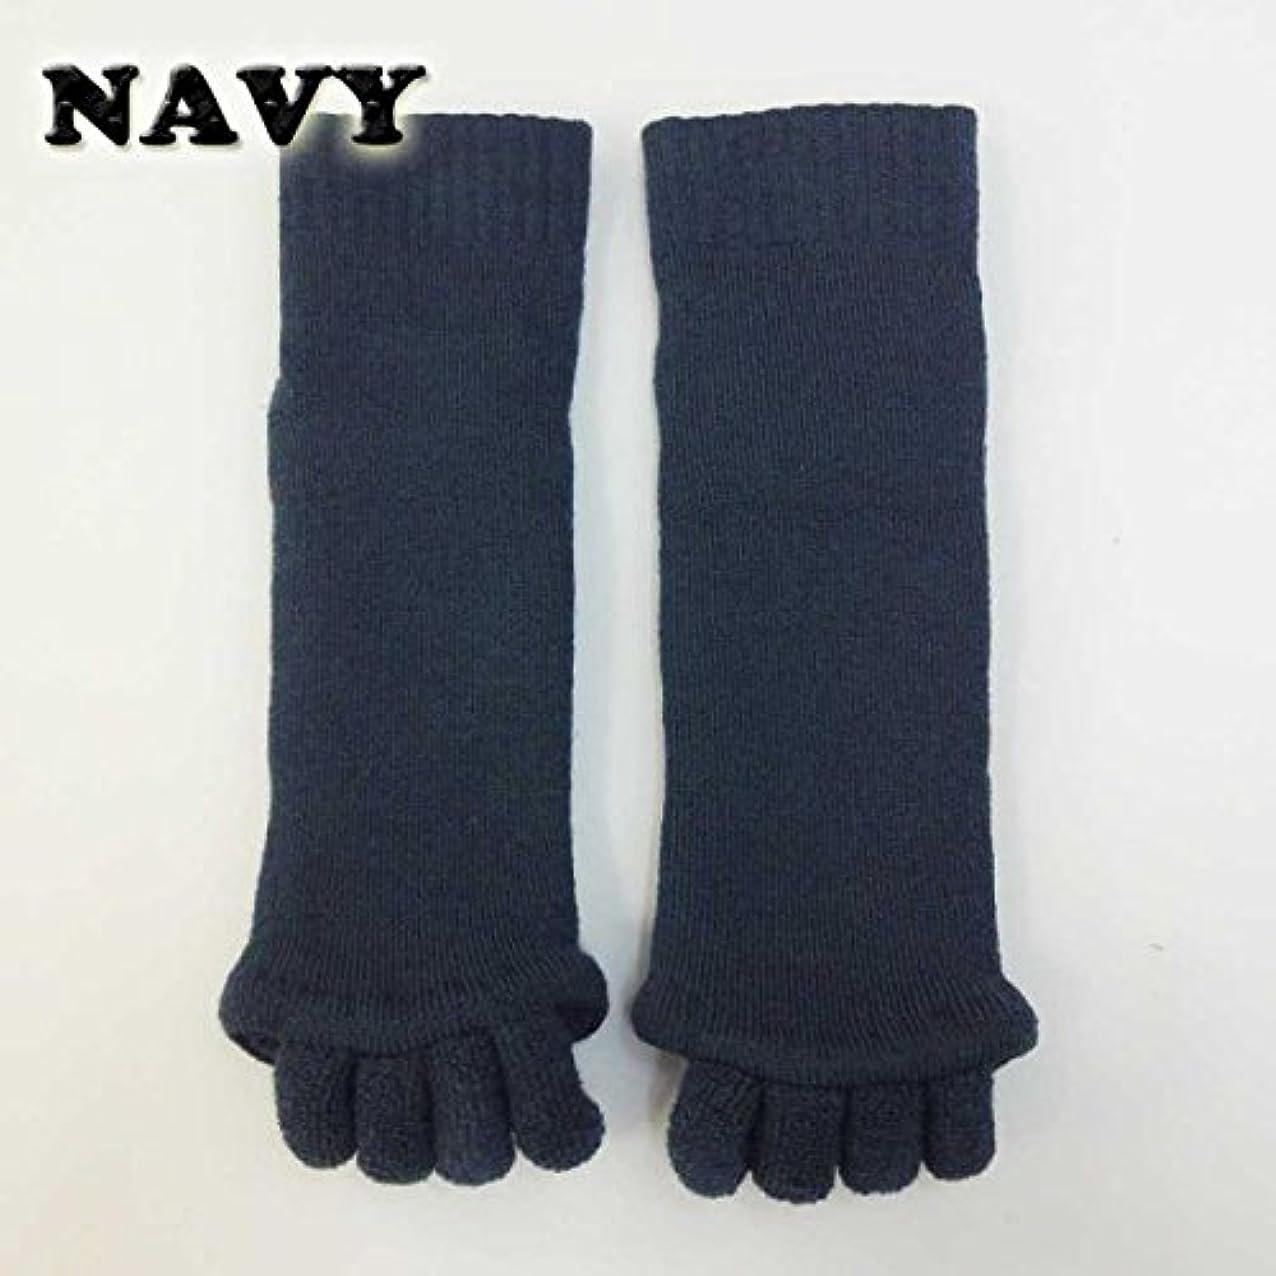 病気キャンバスどちらも足指開きソックス (左右1組) 履くだけ 簡単 フットケア リラックス むくみ (ネイビー)